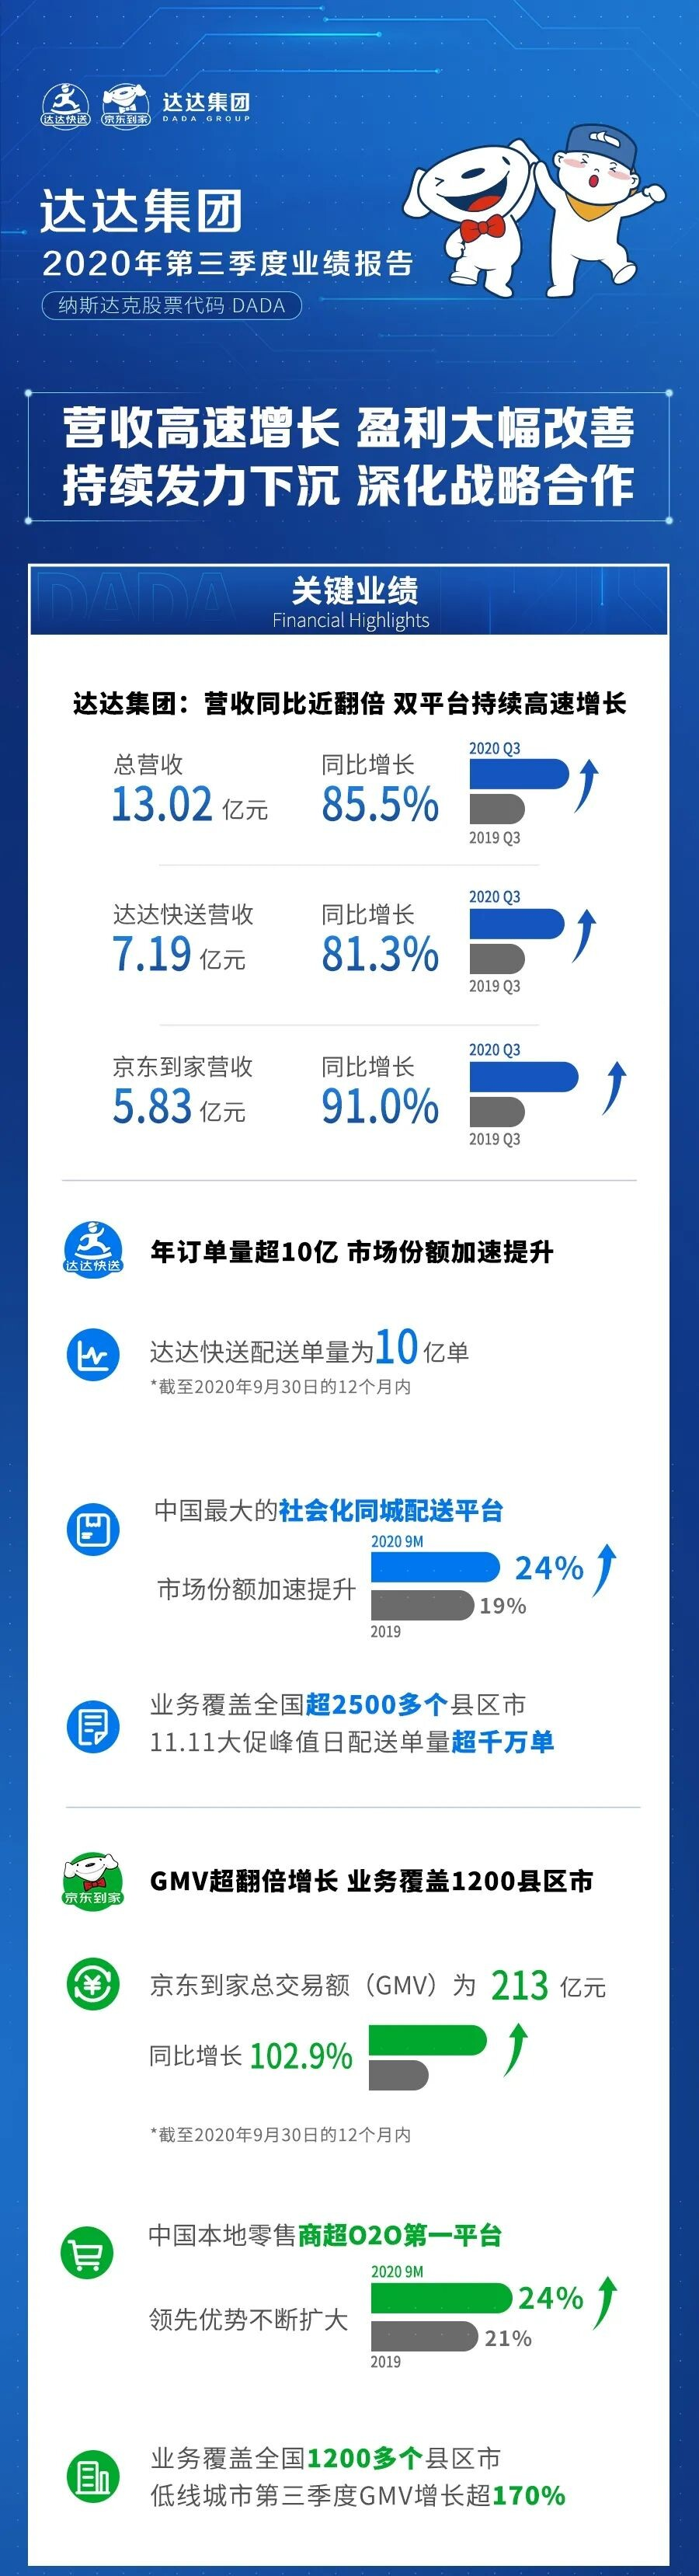 达达集团Q3营收同比增长85.5% 达达快送年订单量增近6成